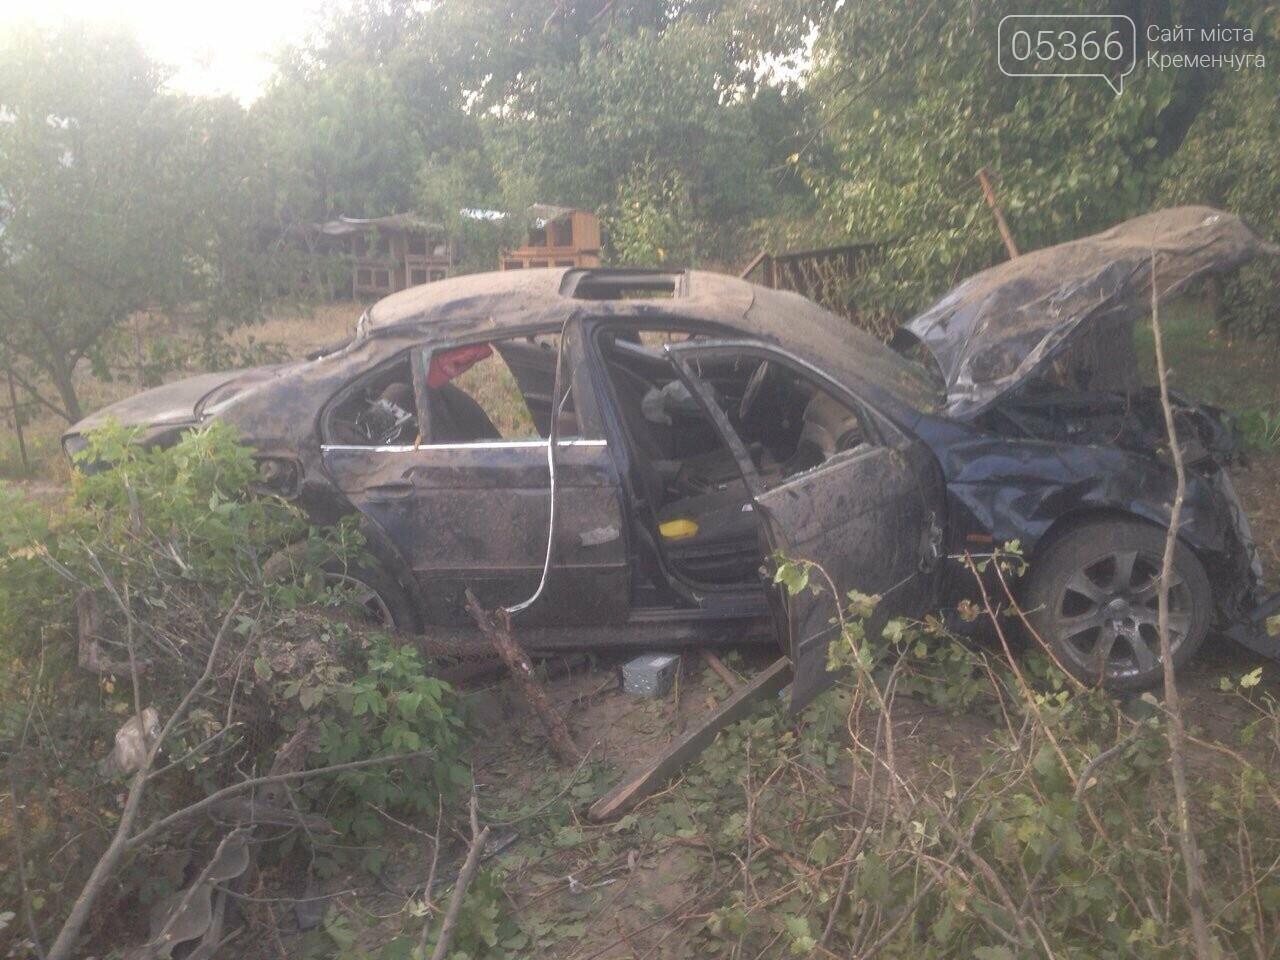 У Кременчуцькому районі сталася смертельна ДТП: пасажир помер в лікарні, фото-2